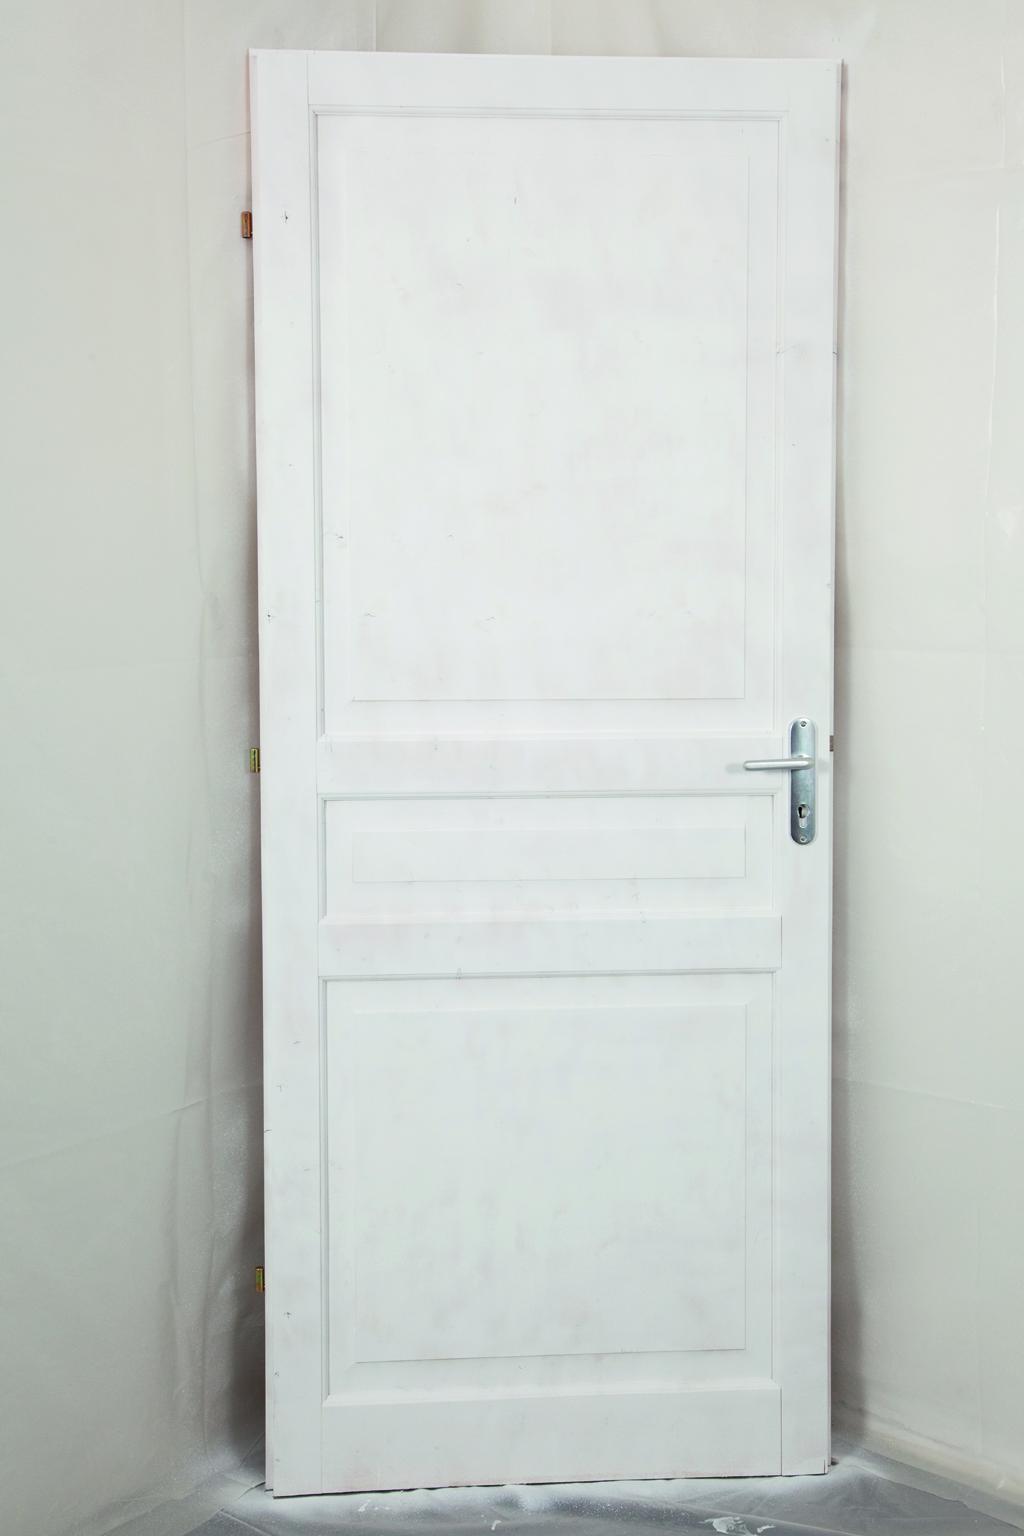 Comment peindre une porte au pistolet ?